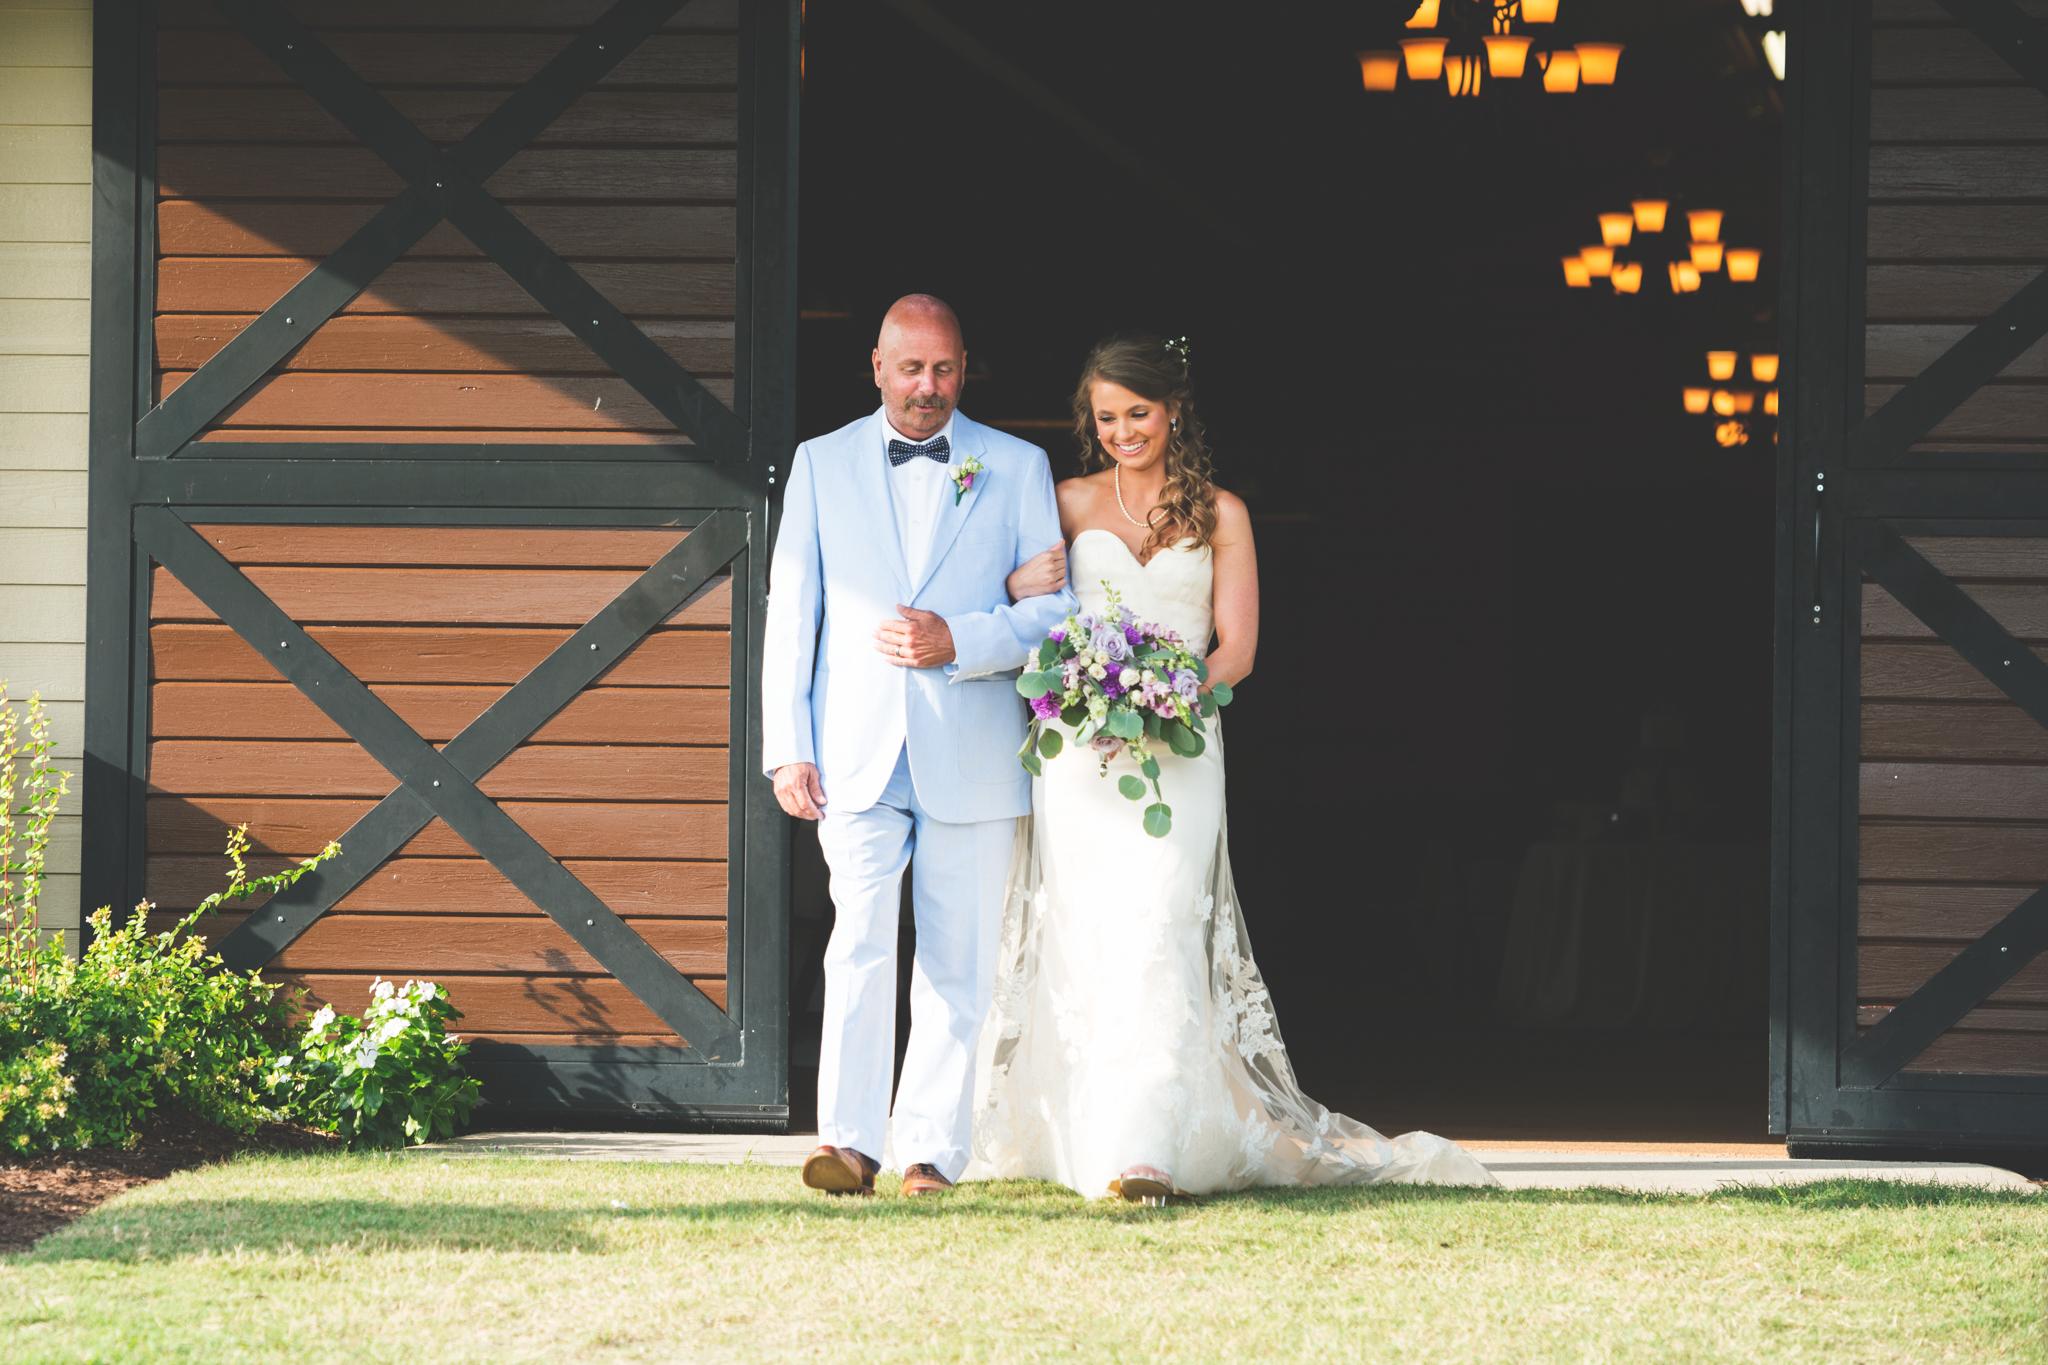 Wedding_Kyle&TaylorGilseth_Blog-76.jpg